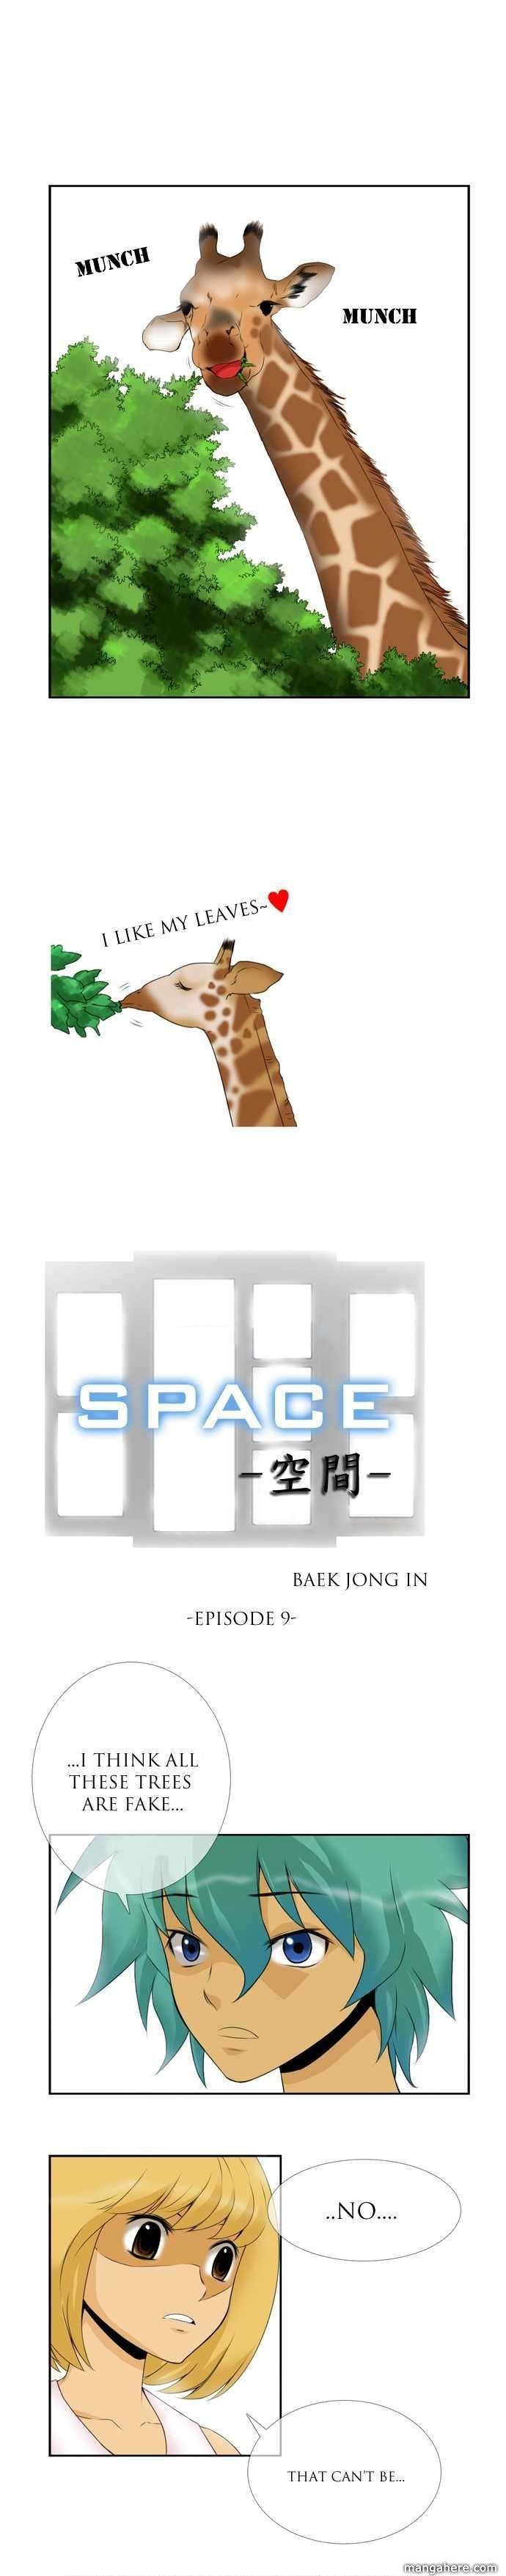 Space Baek Jong In 9 Page 1